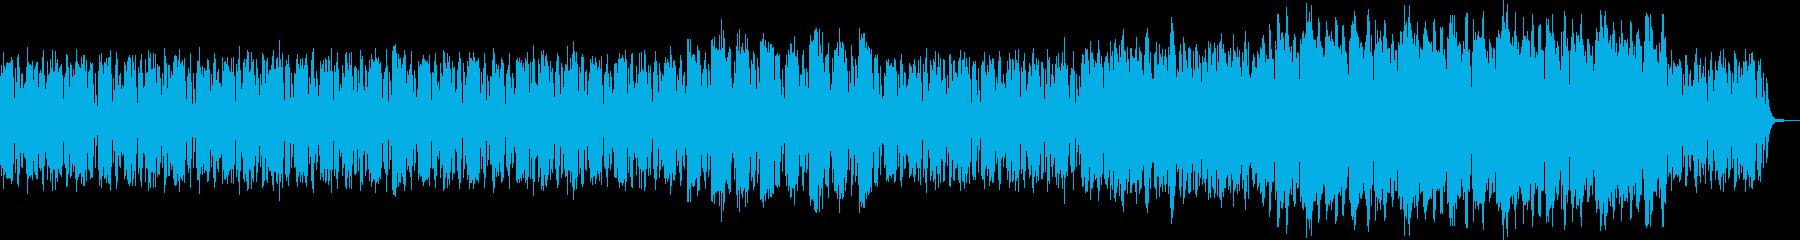 ピアノソロバージョンの再生済みの波形